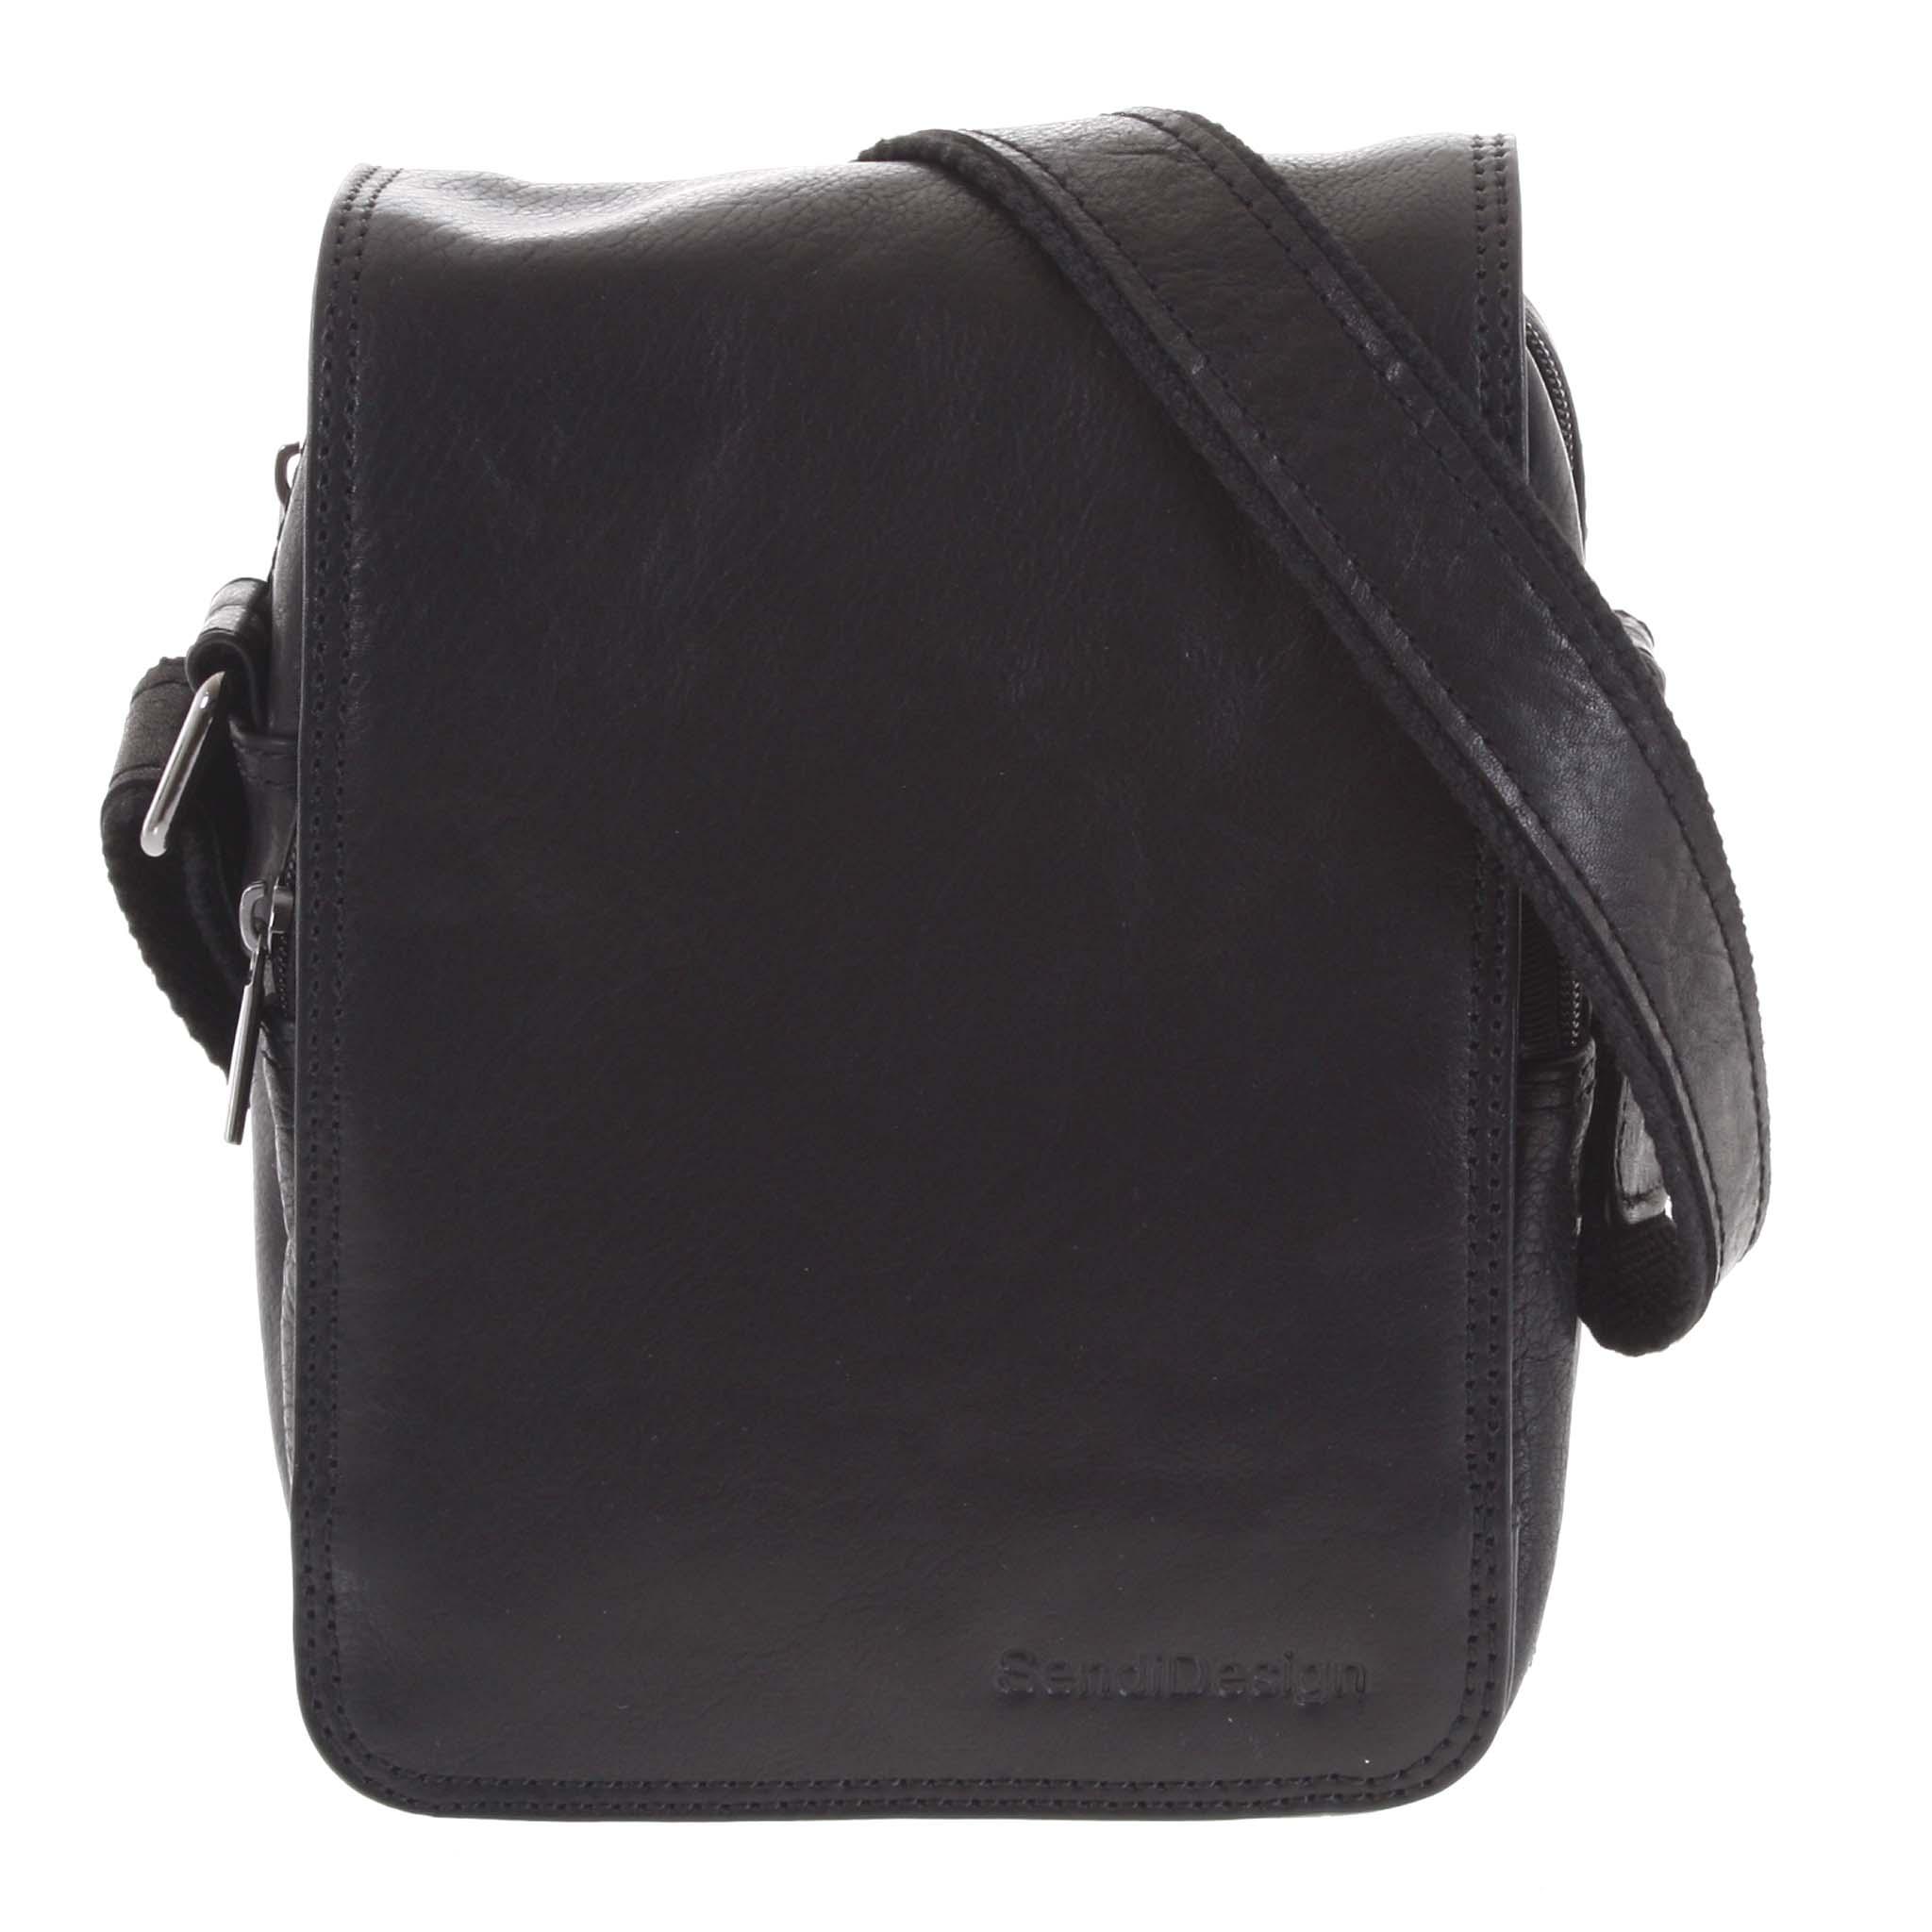 Pánska kožená taška cez rameno čierna - SendiDesign Muxos čierna